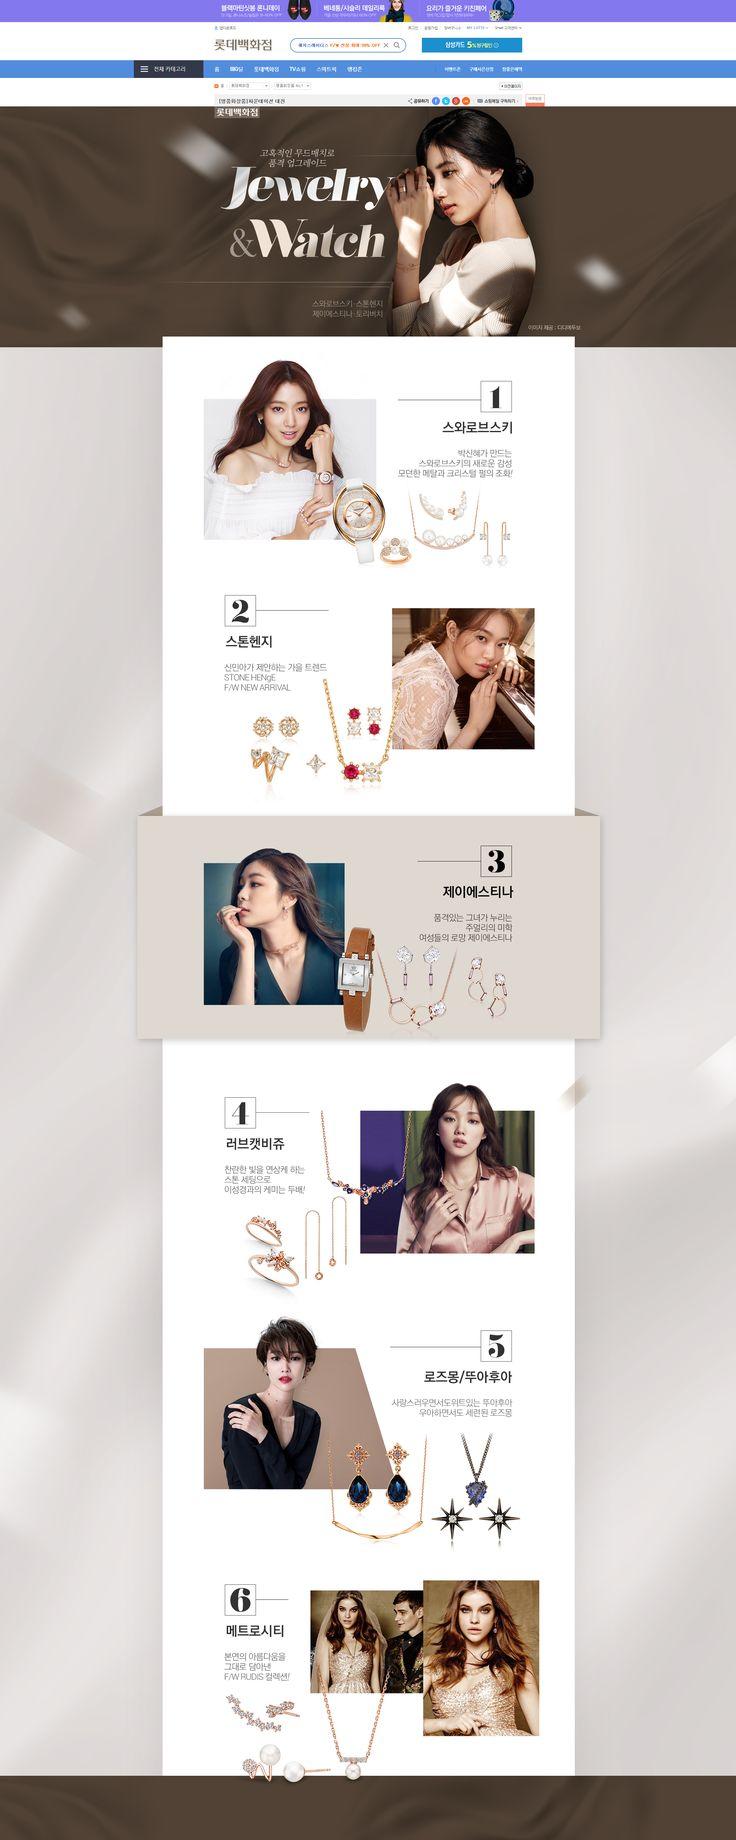 [롯데백화점] Jewelry&Watch Designed by 조진용